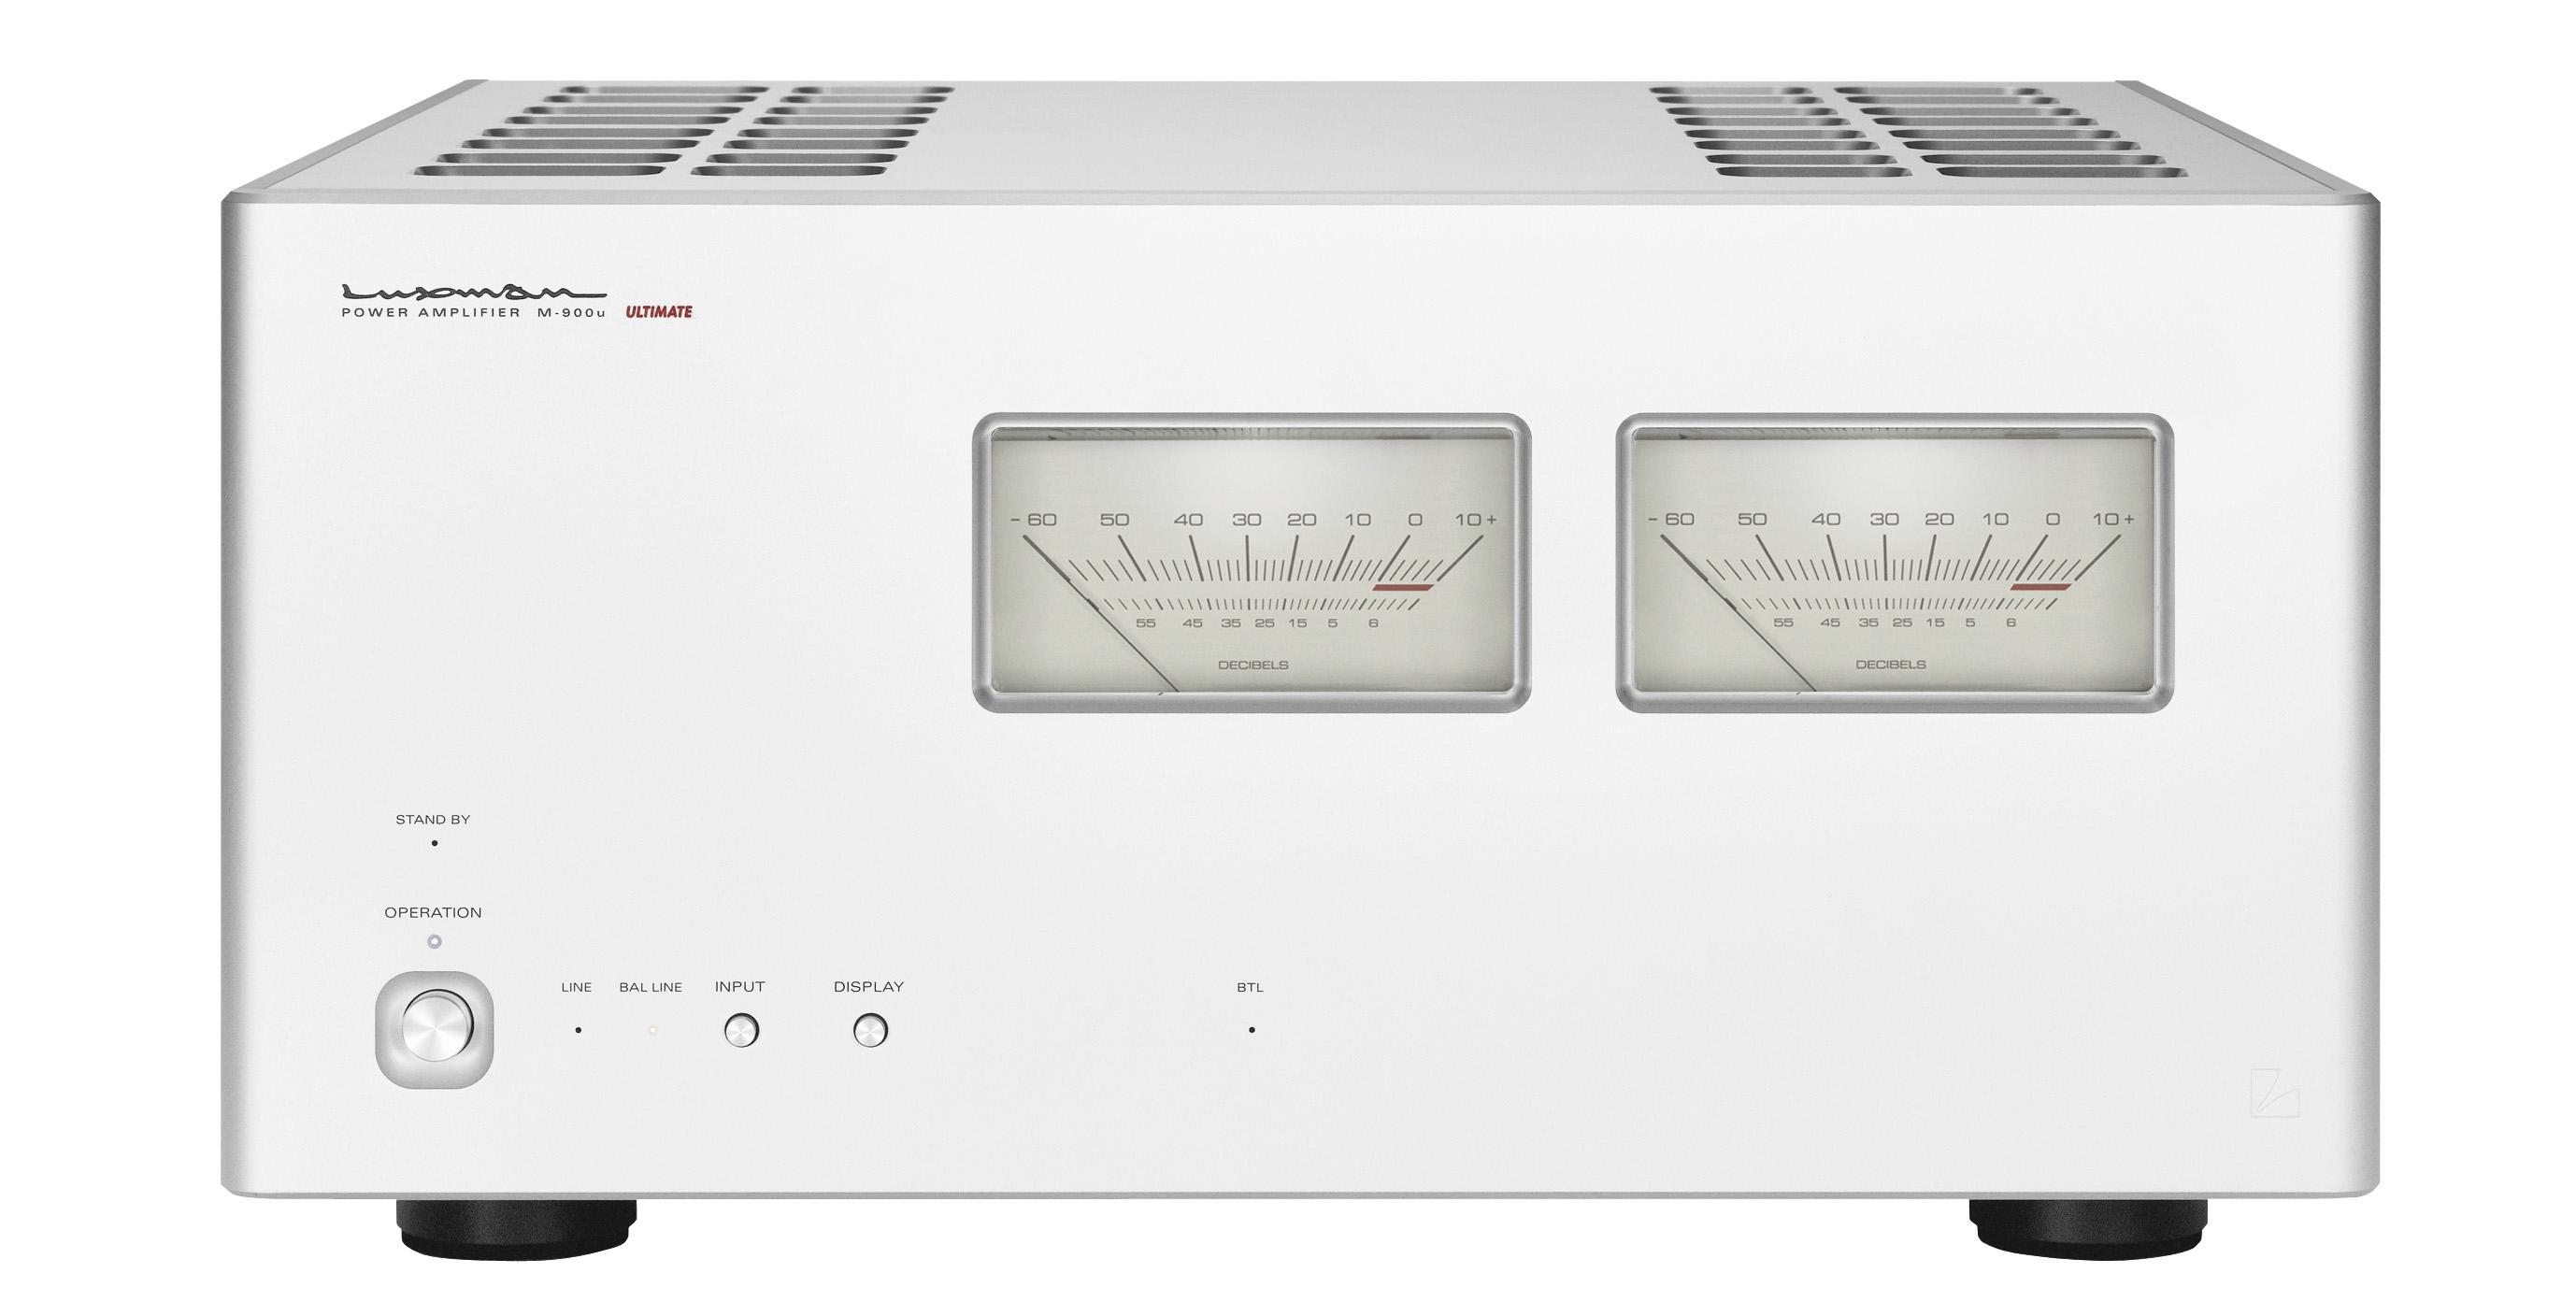 Luxman M900u- Slutsteg (alt monoblock) - Akkelis Audio 5c62334d54c3f